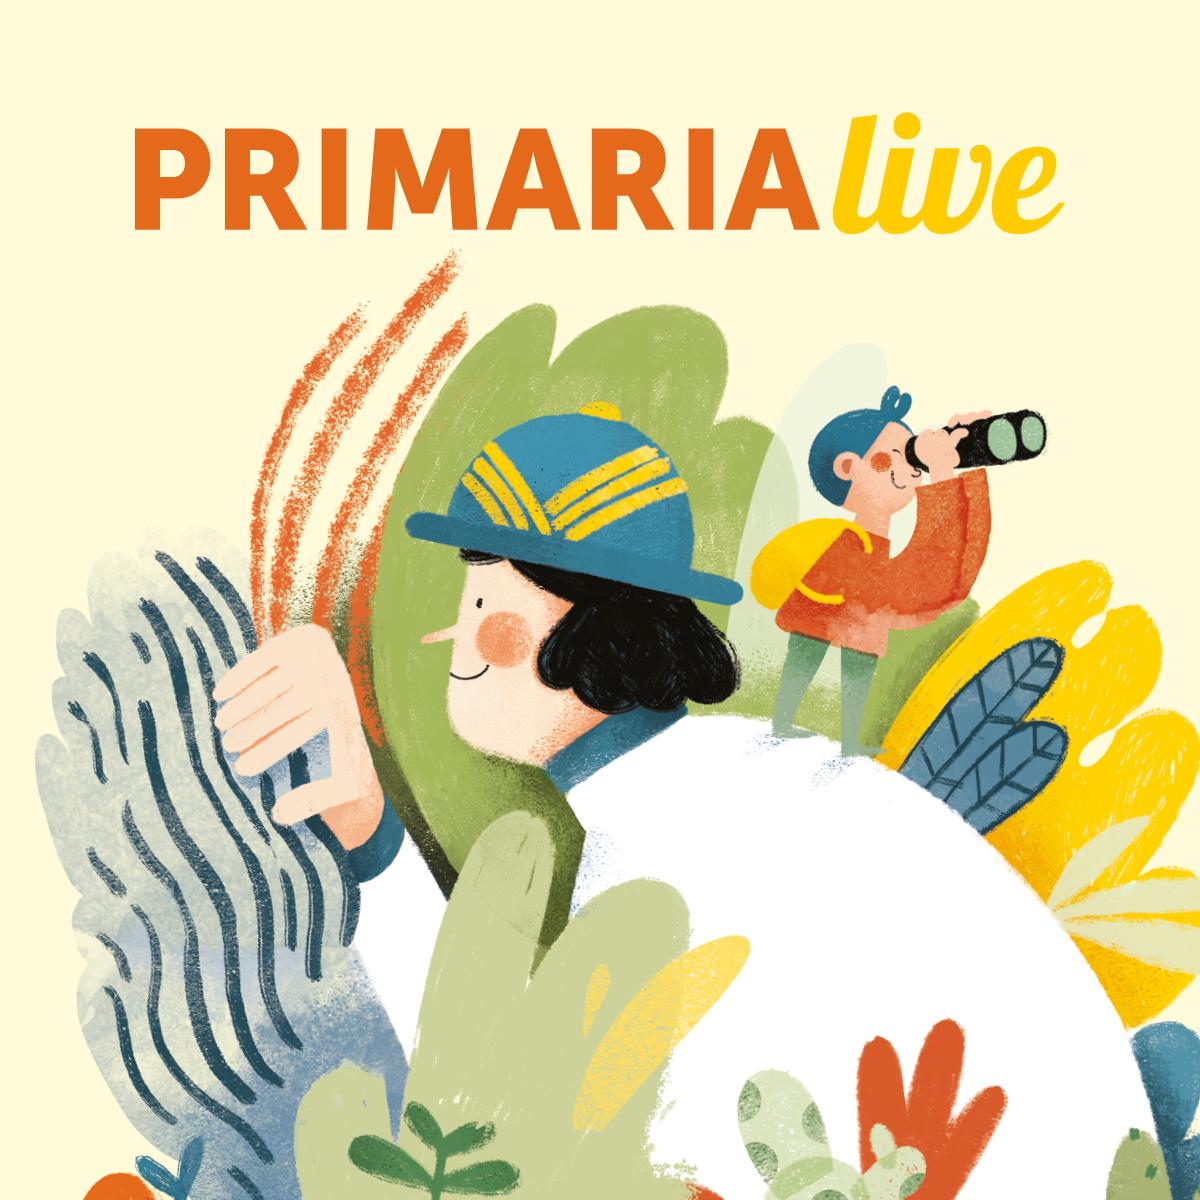 Primaria Live 9/03